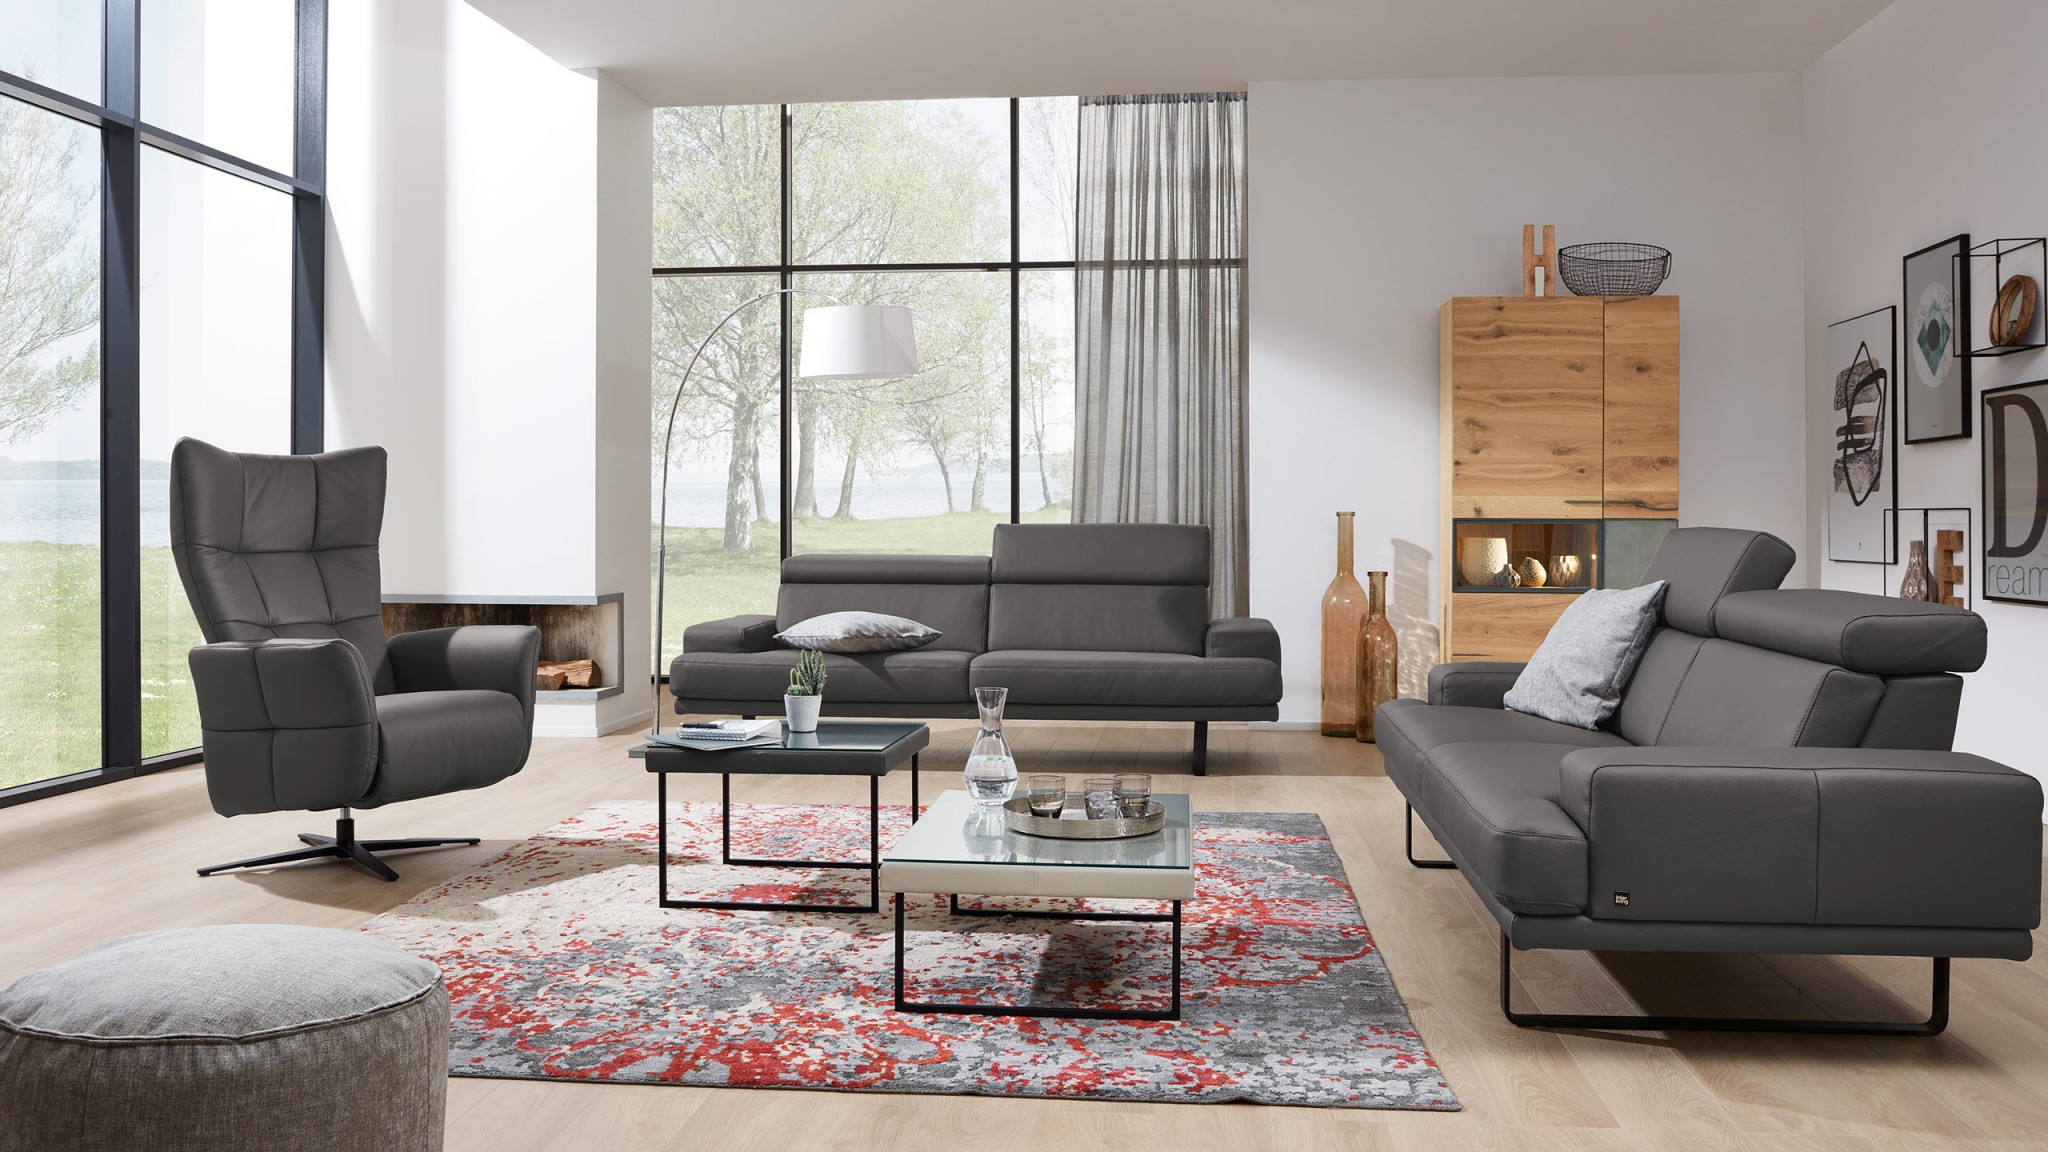 Gemütlich Wohnen Mit Teppichen  Interliving Blog von Kleiner Teppich Wohnzimmer Photo